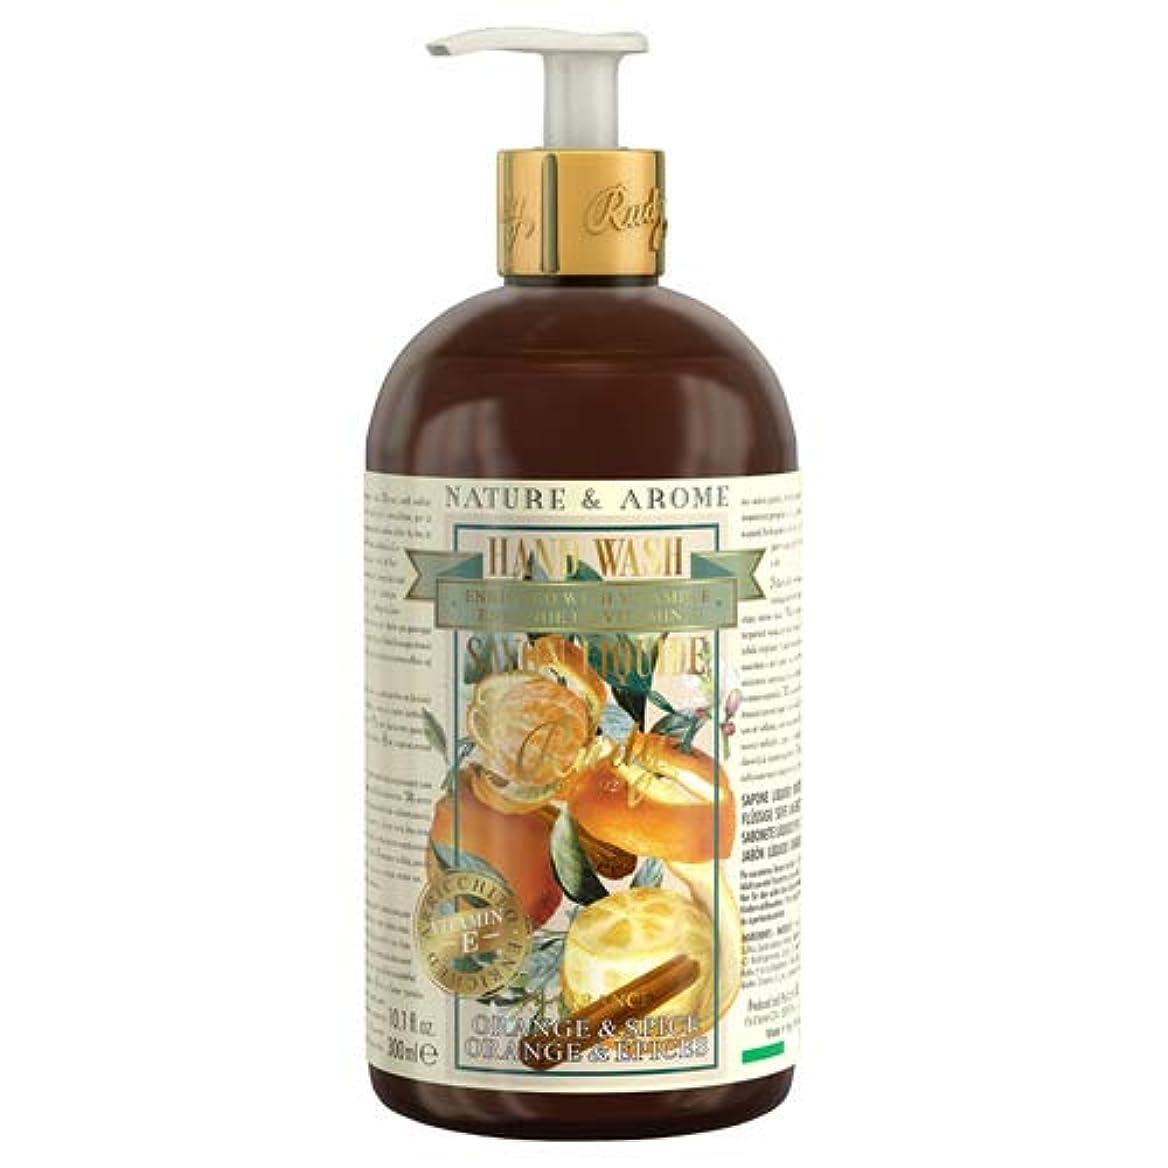 ゴネリル偽善程度RUDY Nature&Arome Apothecary ネイチャーアロマ アポセカリー Hand Wash ハンドウォッシュ(ボディソープ) Orange & Spice オレンジ&スパイス